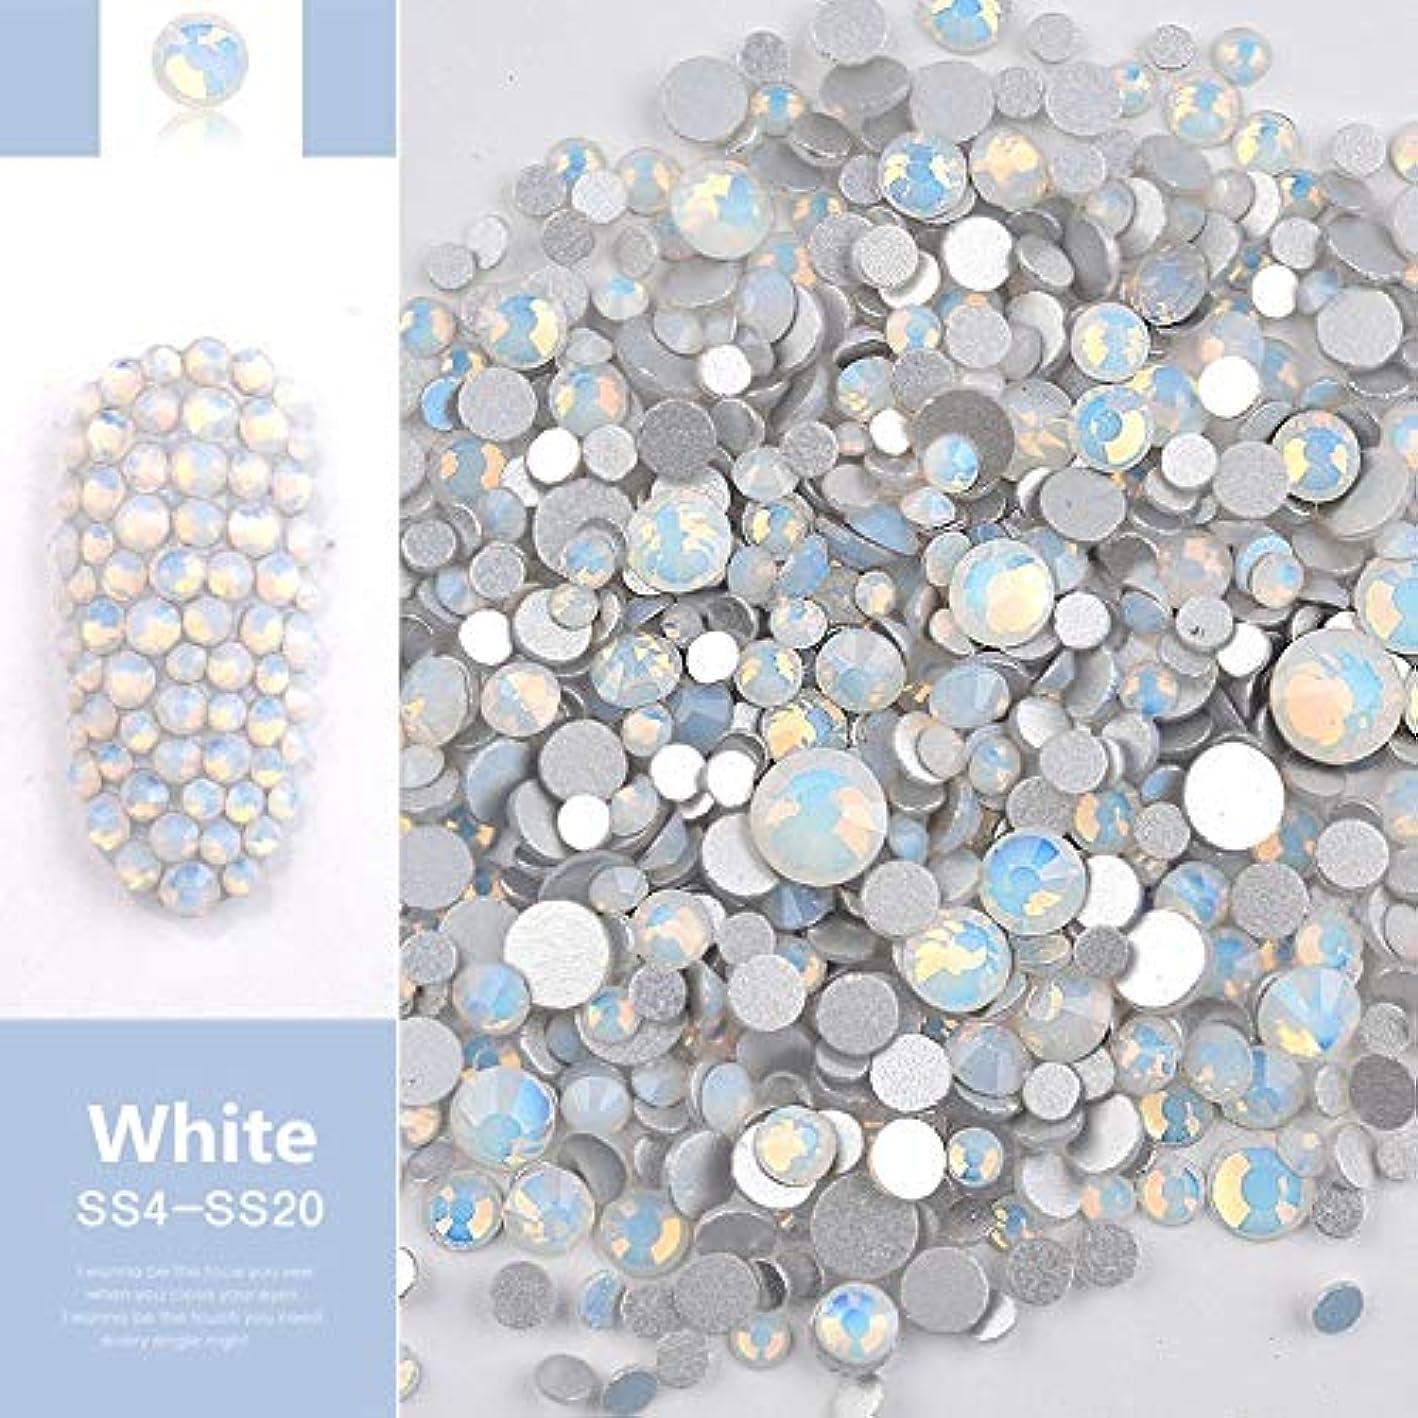 年金受給者フィラデルフィア第三Tianmey ビーズ樹脂クリスタルラウンドネイルアートミックスフラットバックアクリルラインストーンミックスサイズ1.5-4.5 mm装飾用ネイル (Color : White)